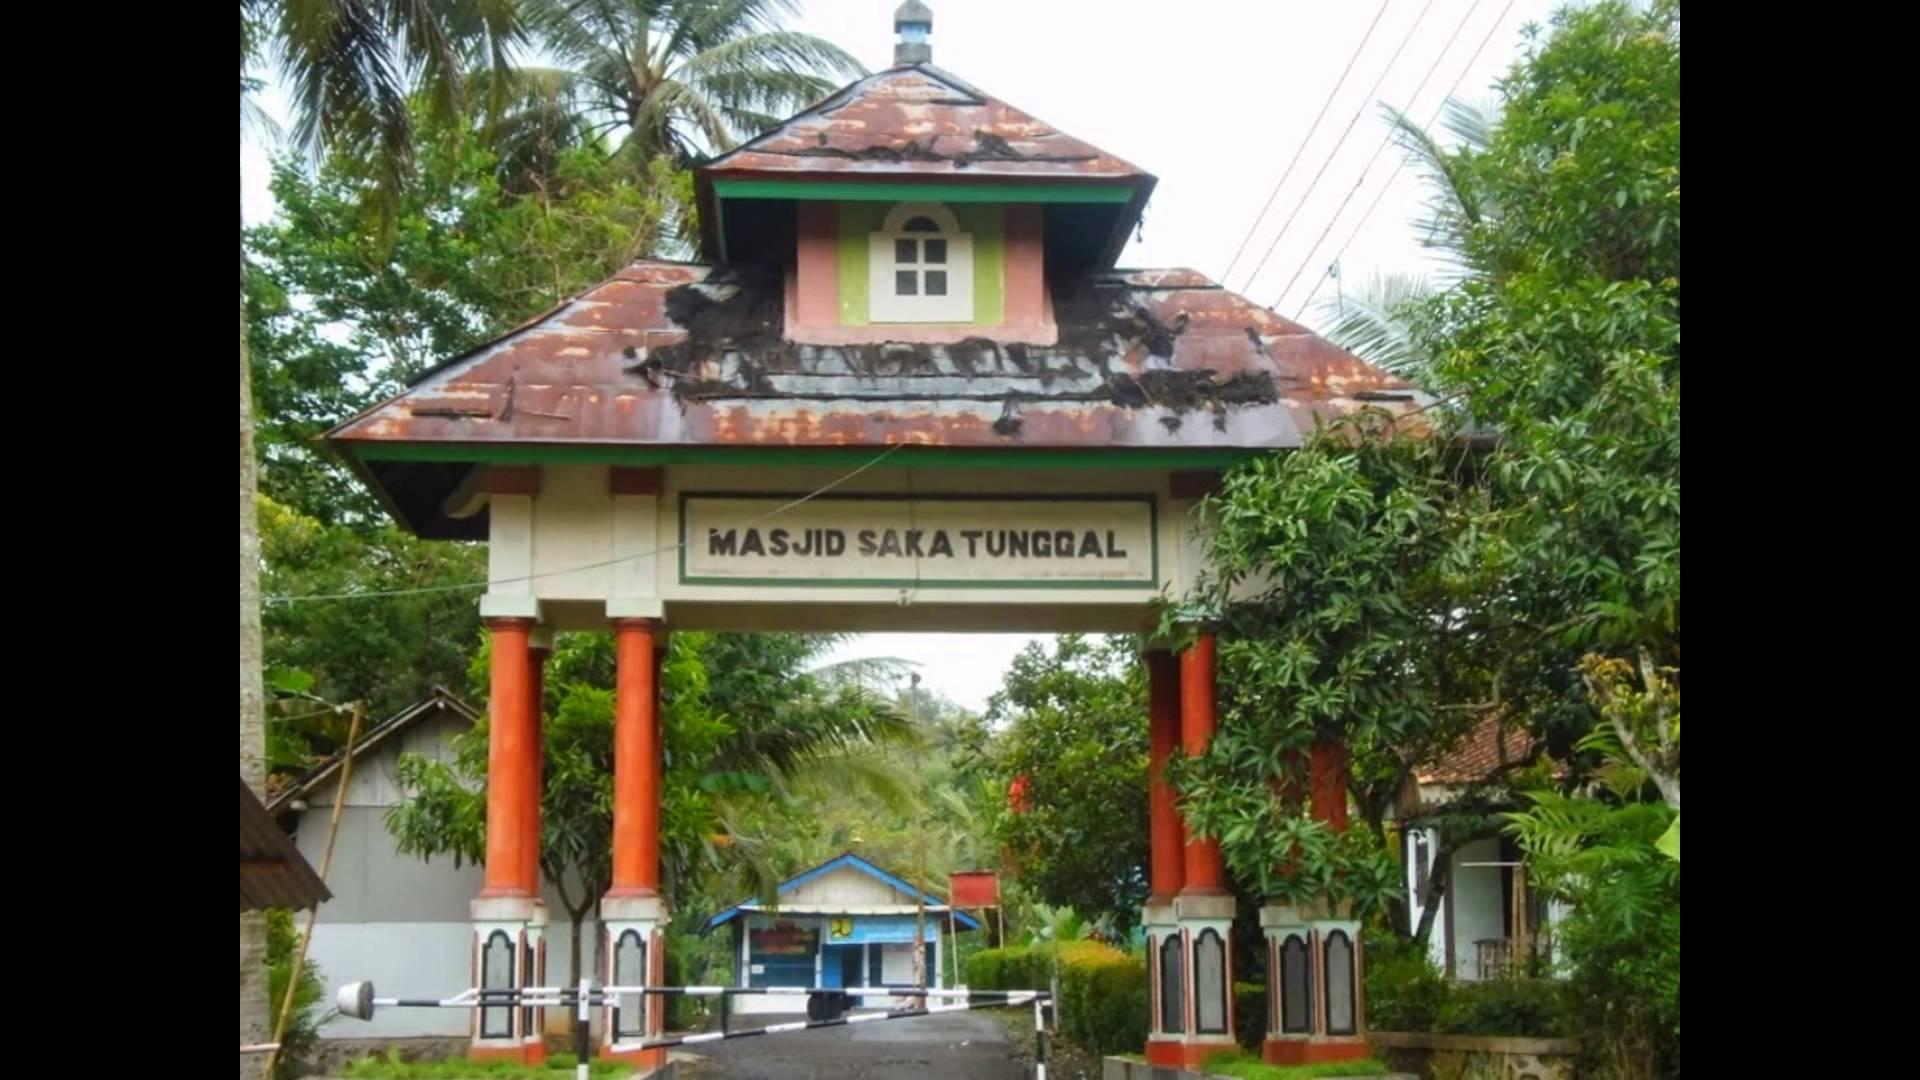 Masjid Saka Tunggal Jawa Tengah Tempat Wisata Indonesia Youtube Kab